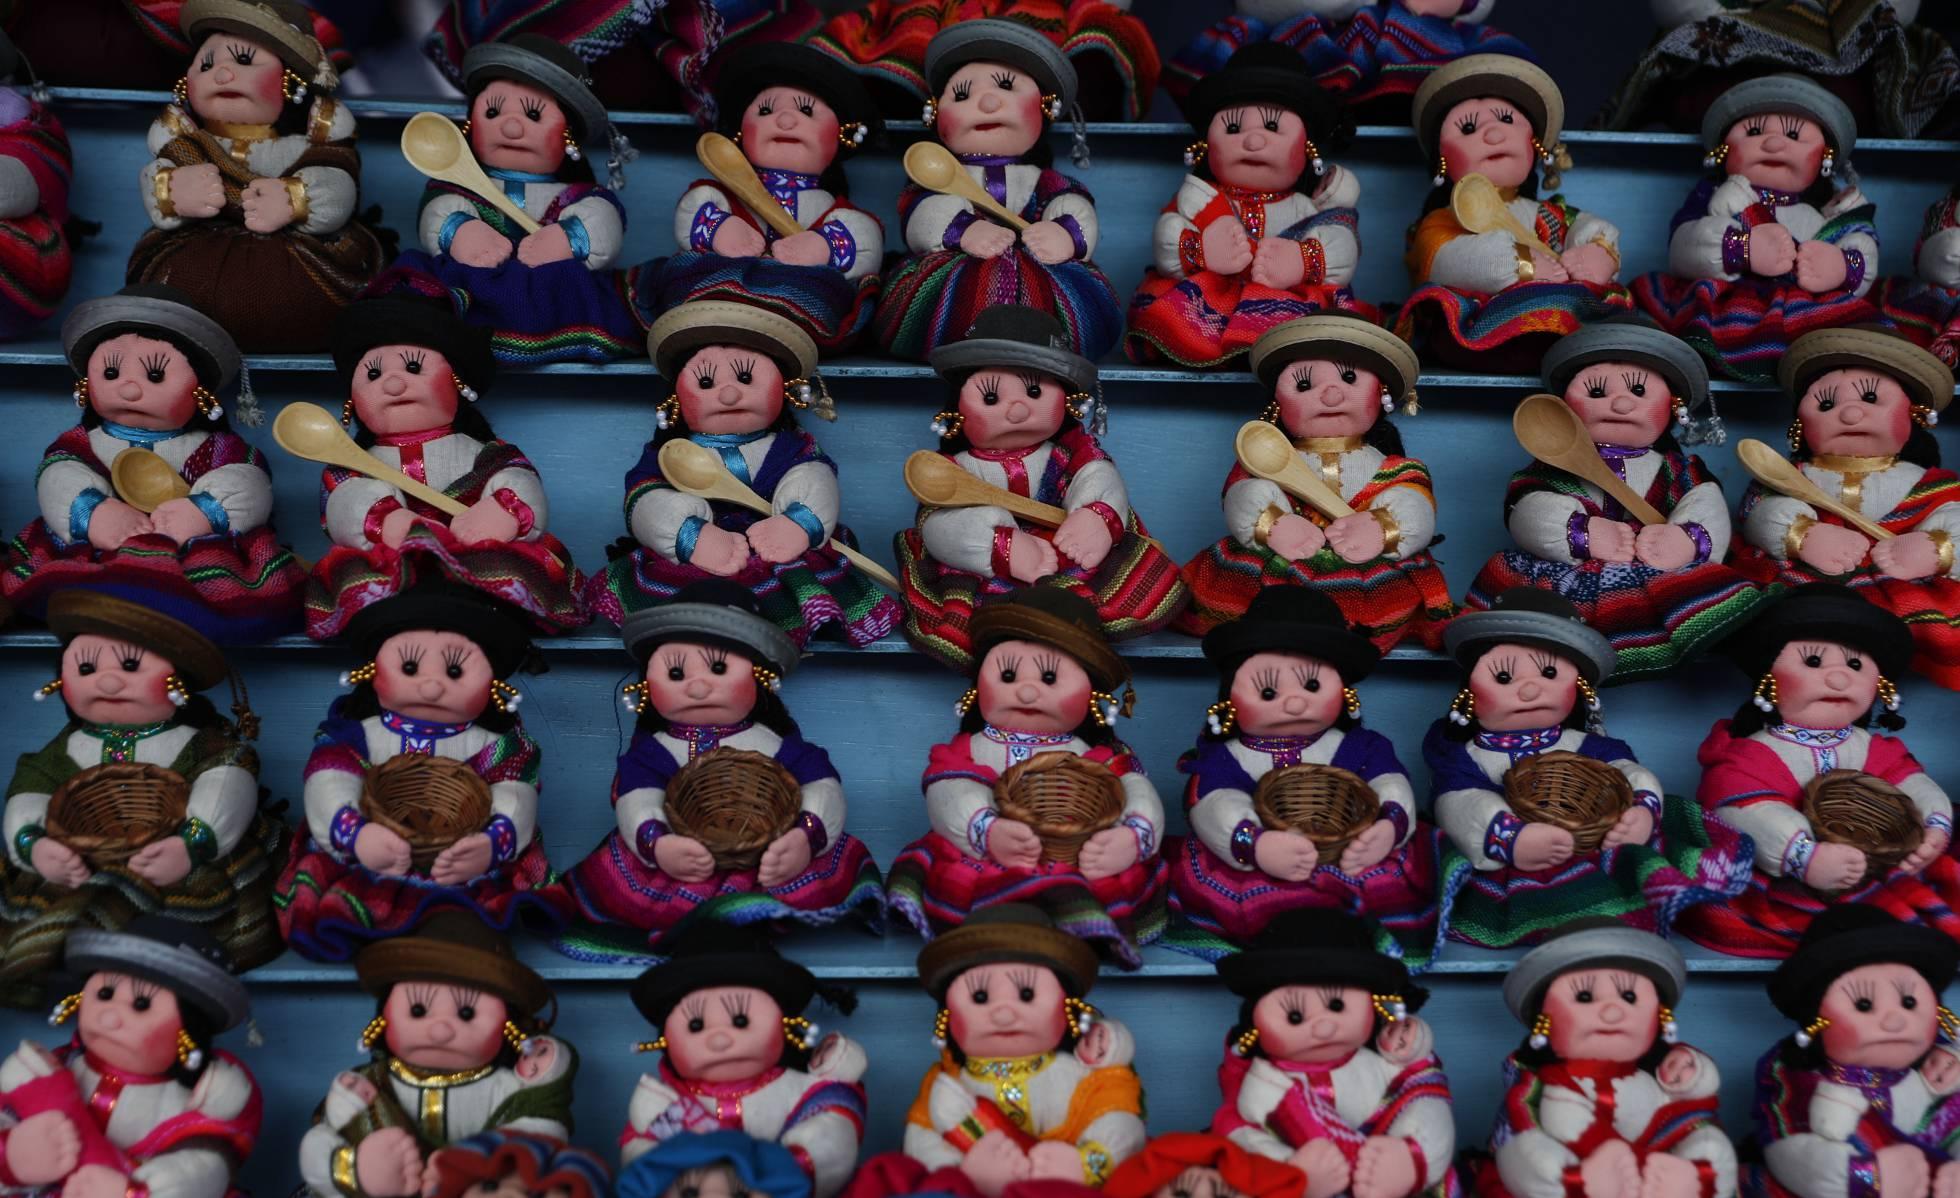 Pequeñas muñecas de trapo se encuentran a la venta durante la Feria anual de Alasita en La Paz, Bolivia, el miércoles 24 de marzo de 2021.